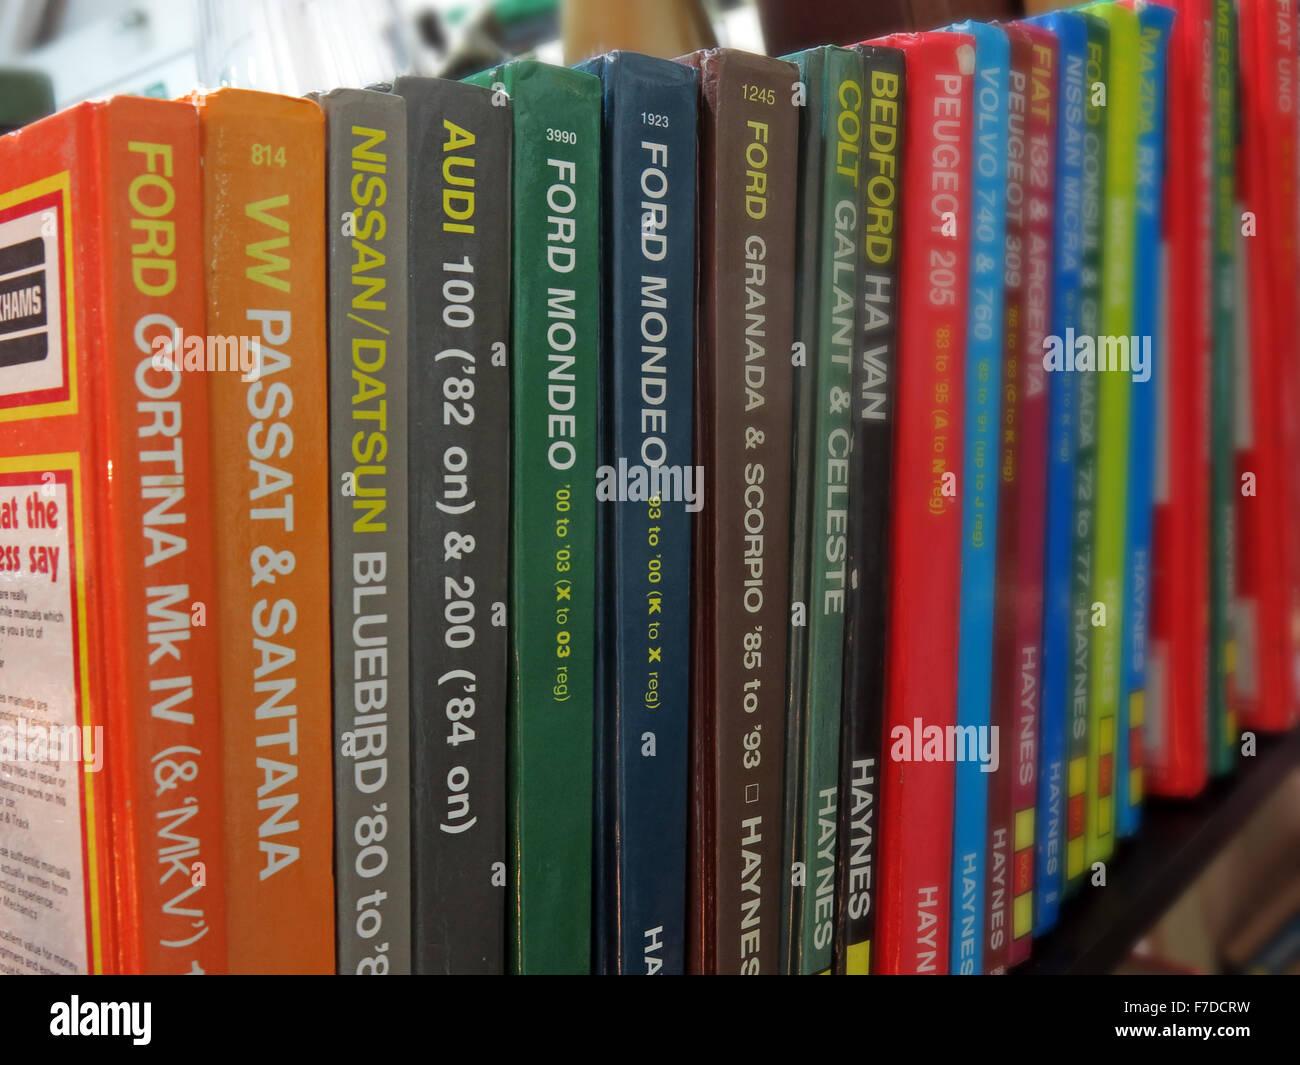 Laden Sie dieses Alamy Stockfoto Bücherregal von Haynes Auto Wartung Handbücher, England, UK - F7DCRW